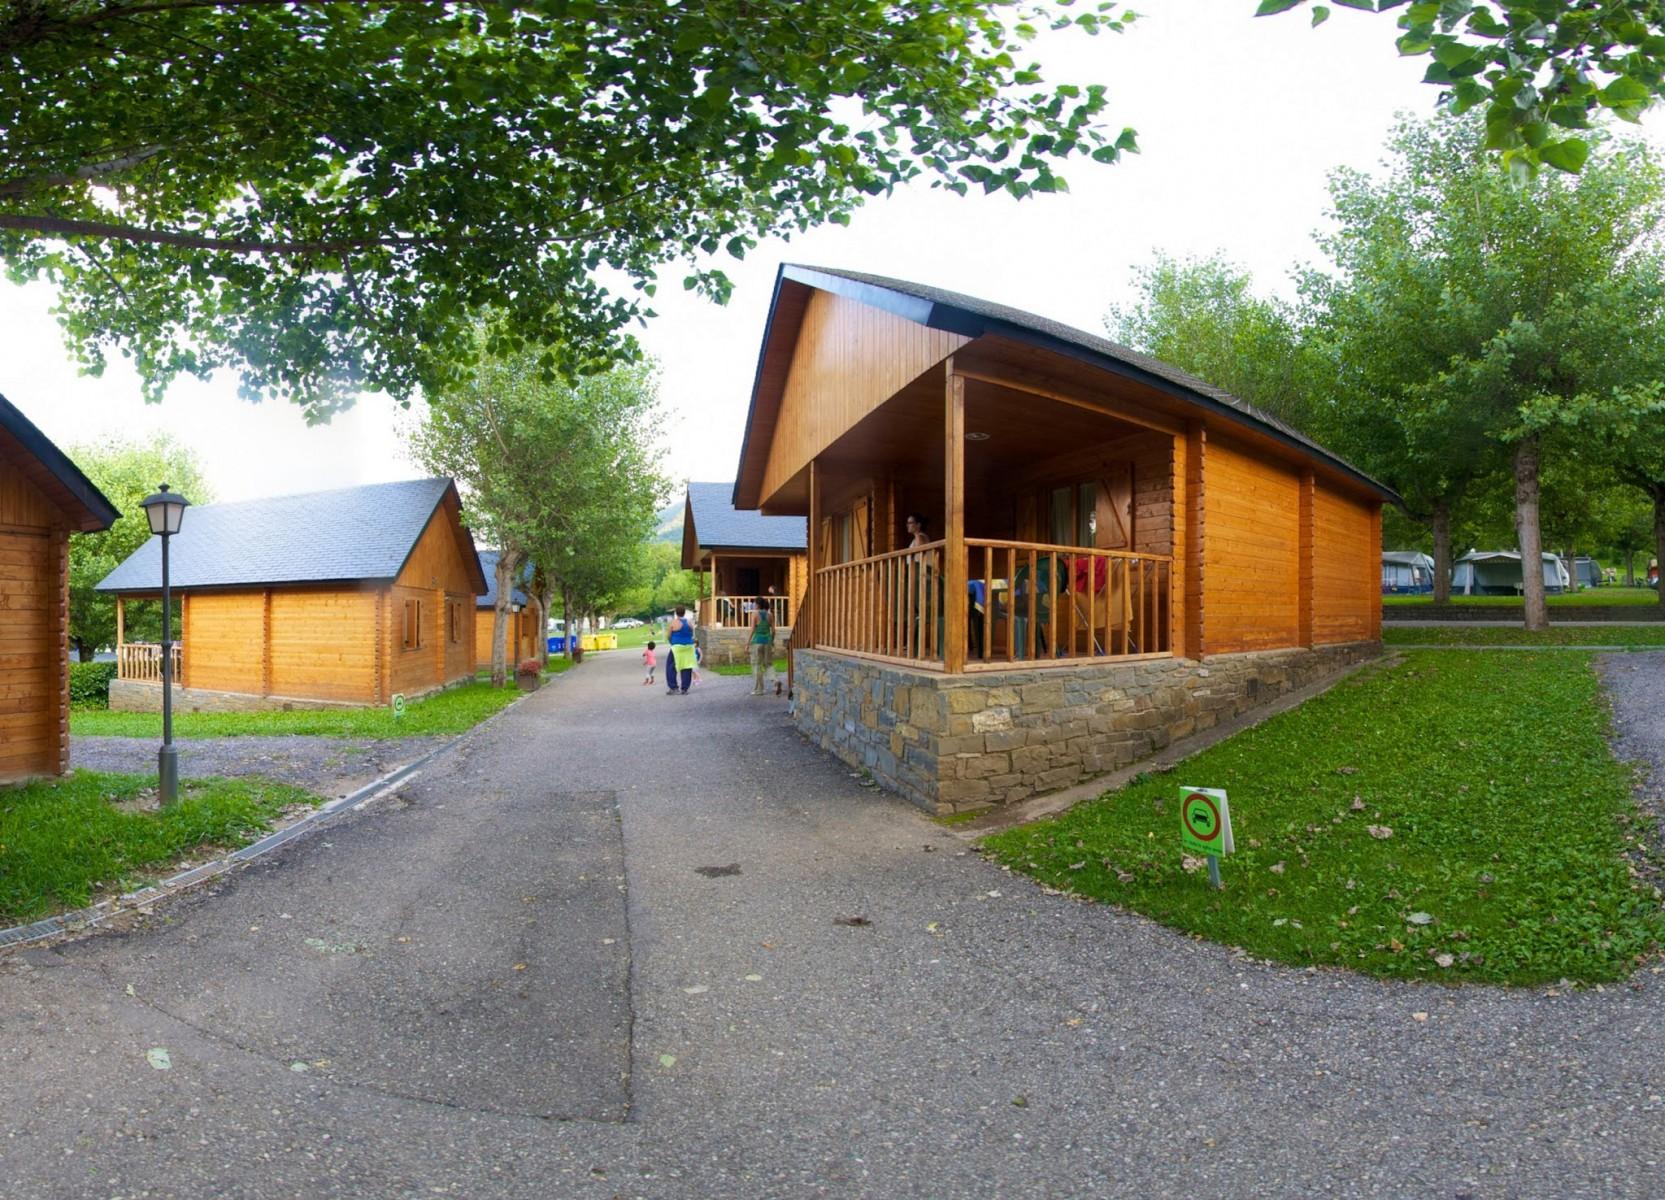 bungalows prices - baliera, camping caravaning bungalows - bonansa